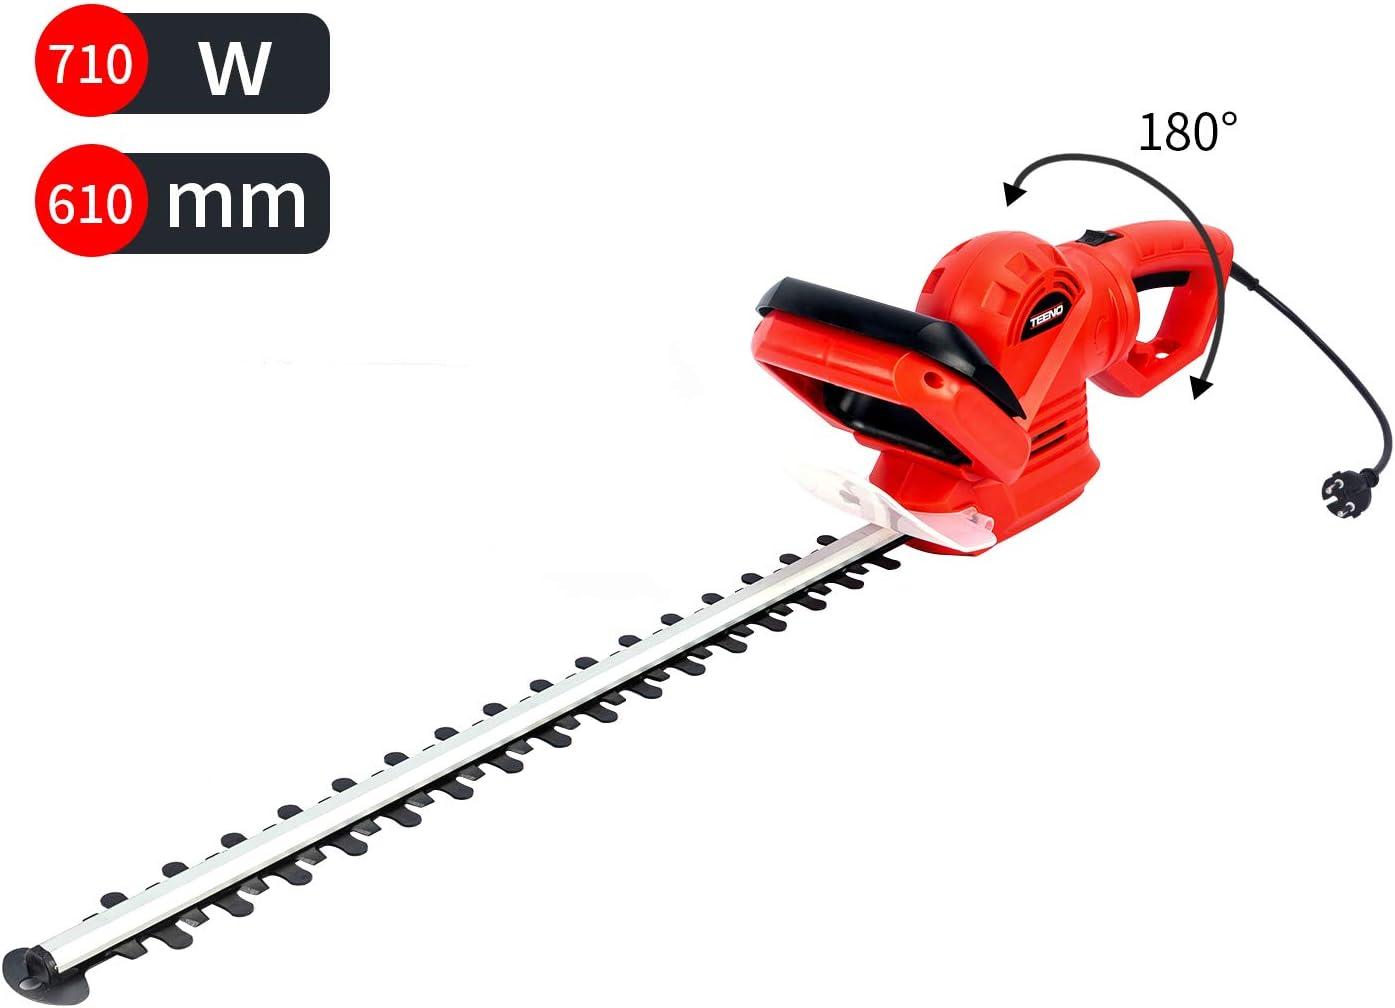 TEENO Cortasetos, 710W Cortasetos Electrico, Longitud de la Cuchilla 610 mm, Paso 24 mm, 180 ° Ajustable, Ajuste del Mango de 5 Posiciones, Diseño del Cabezal Anticolisión